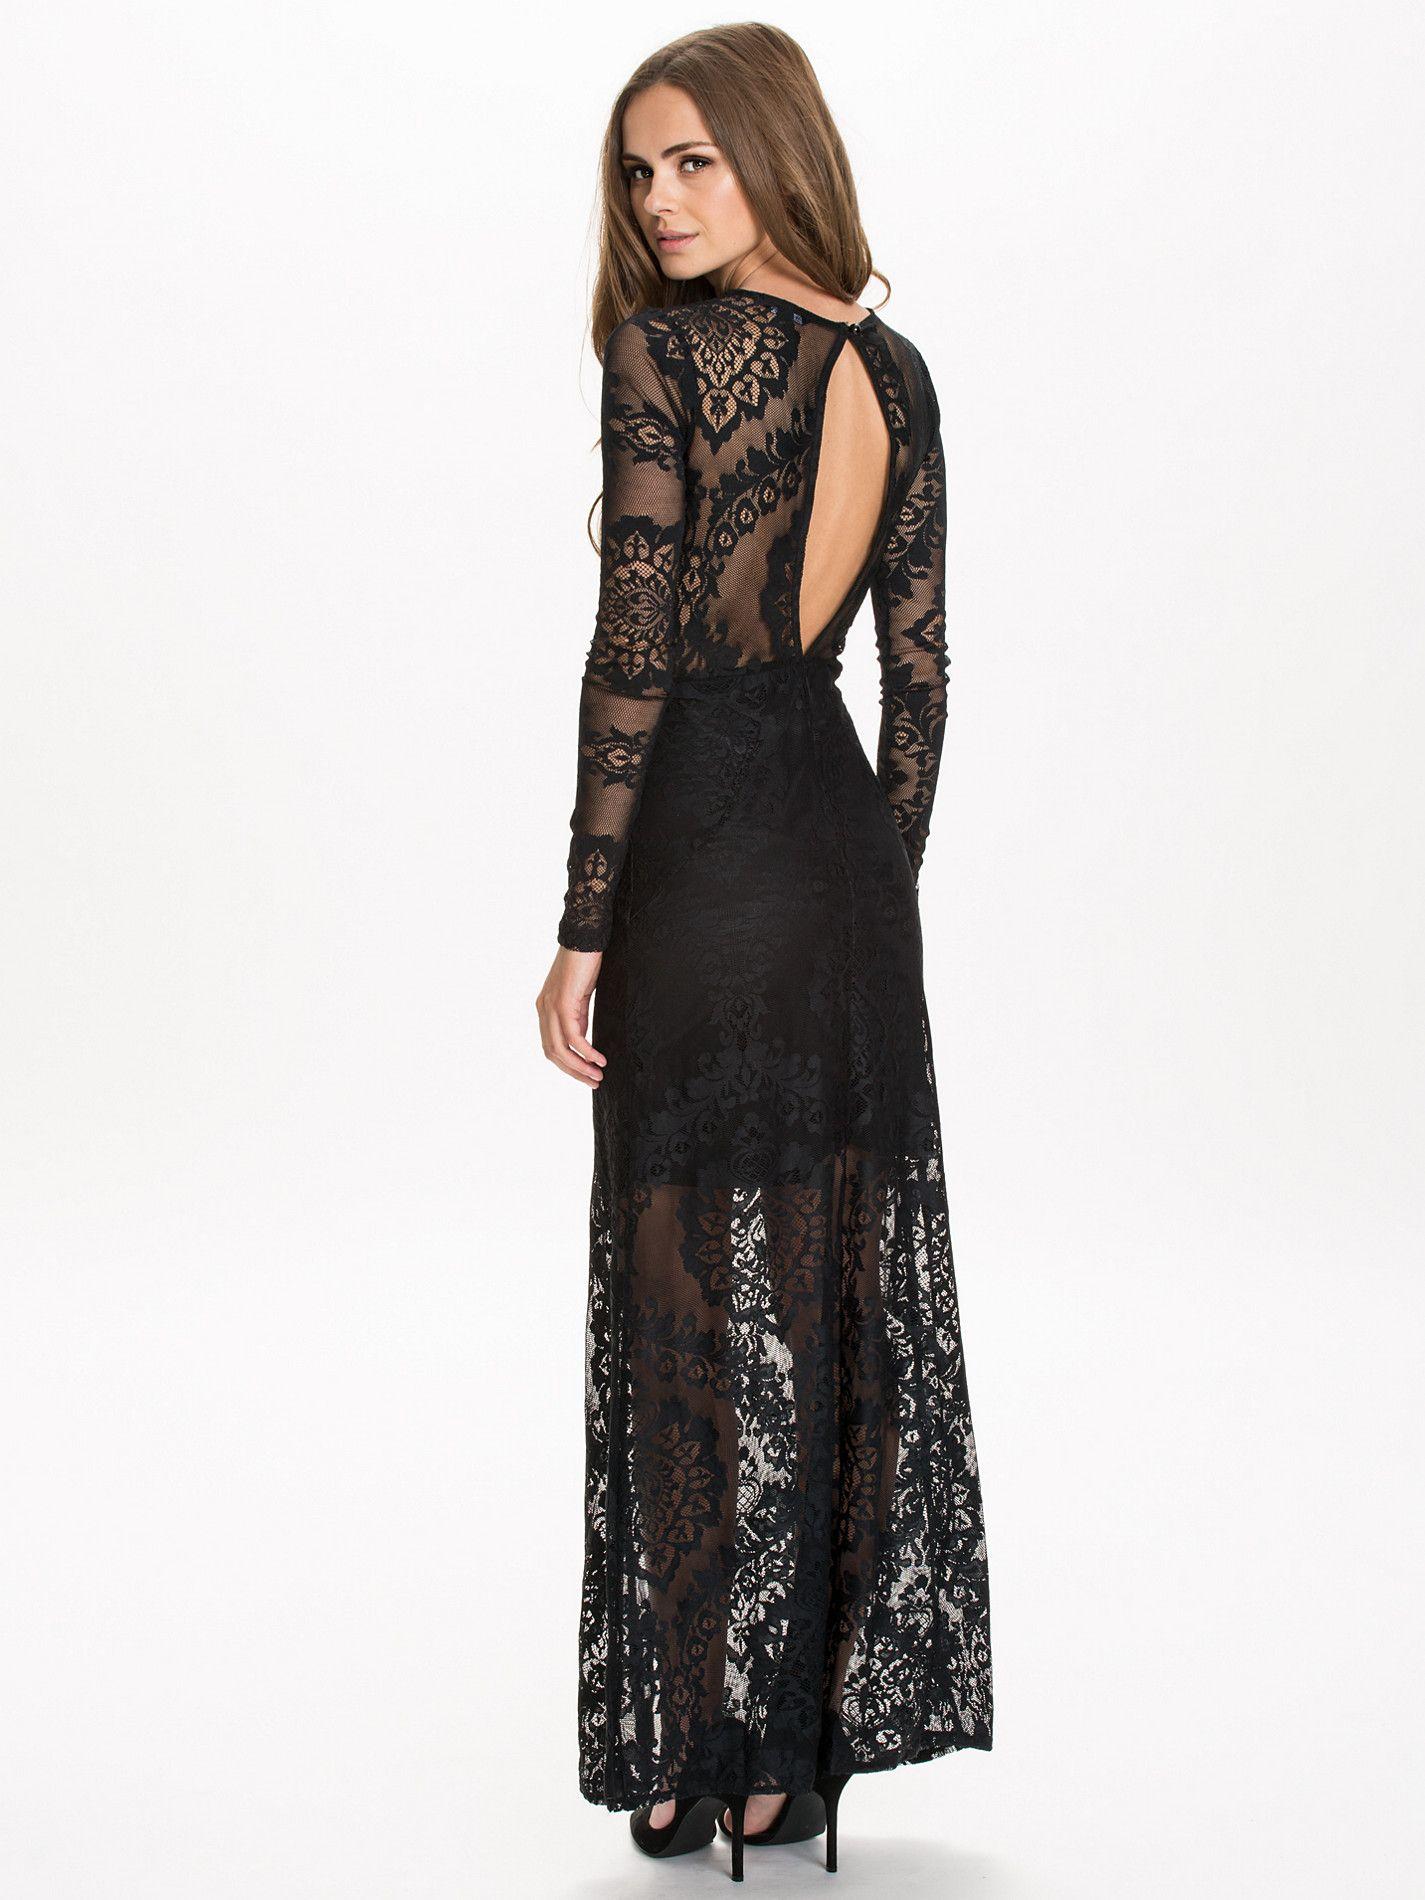 Robe de soirée Nelly.com, achat pas cher Ls Lace Maxi Miss Selfridge Noir